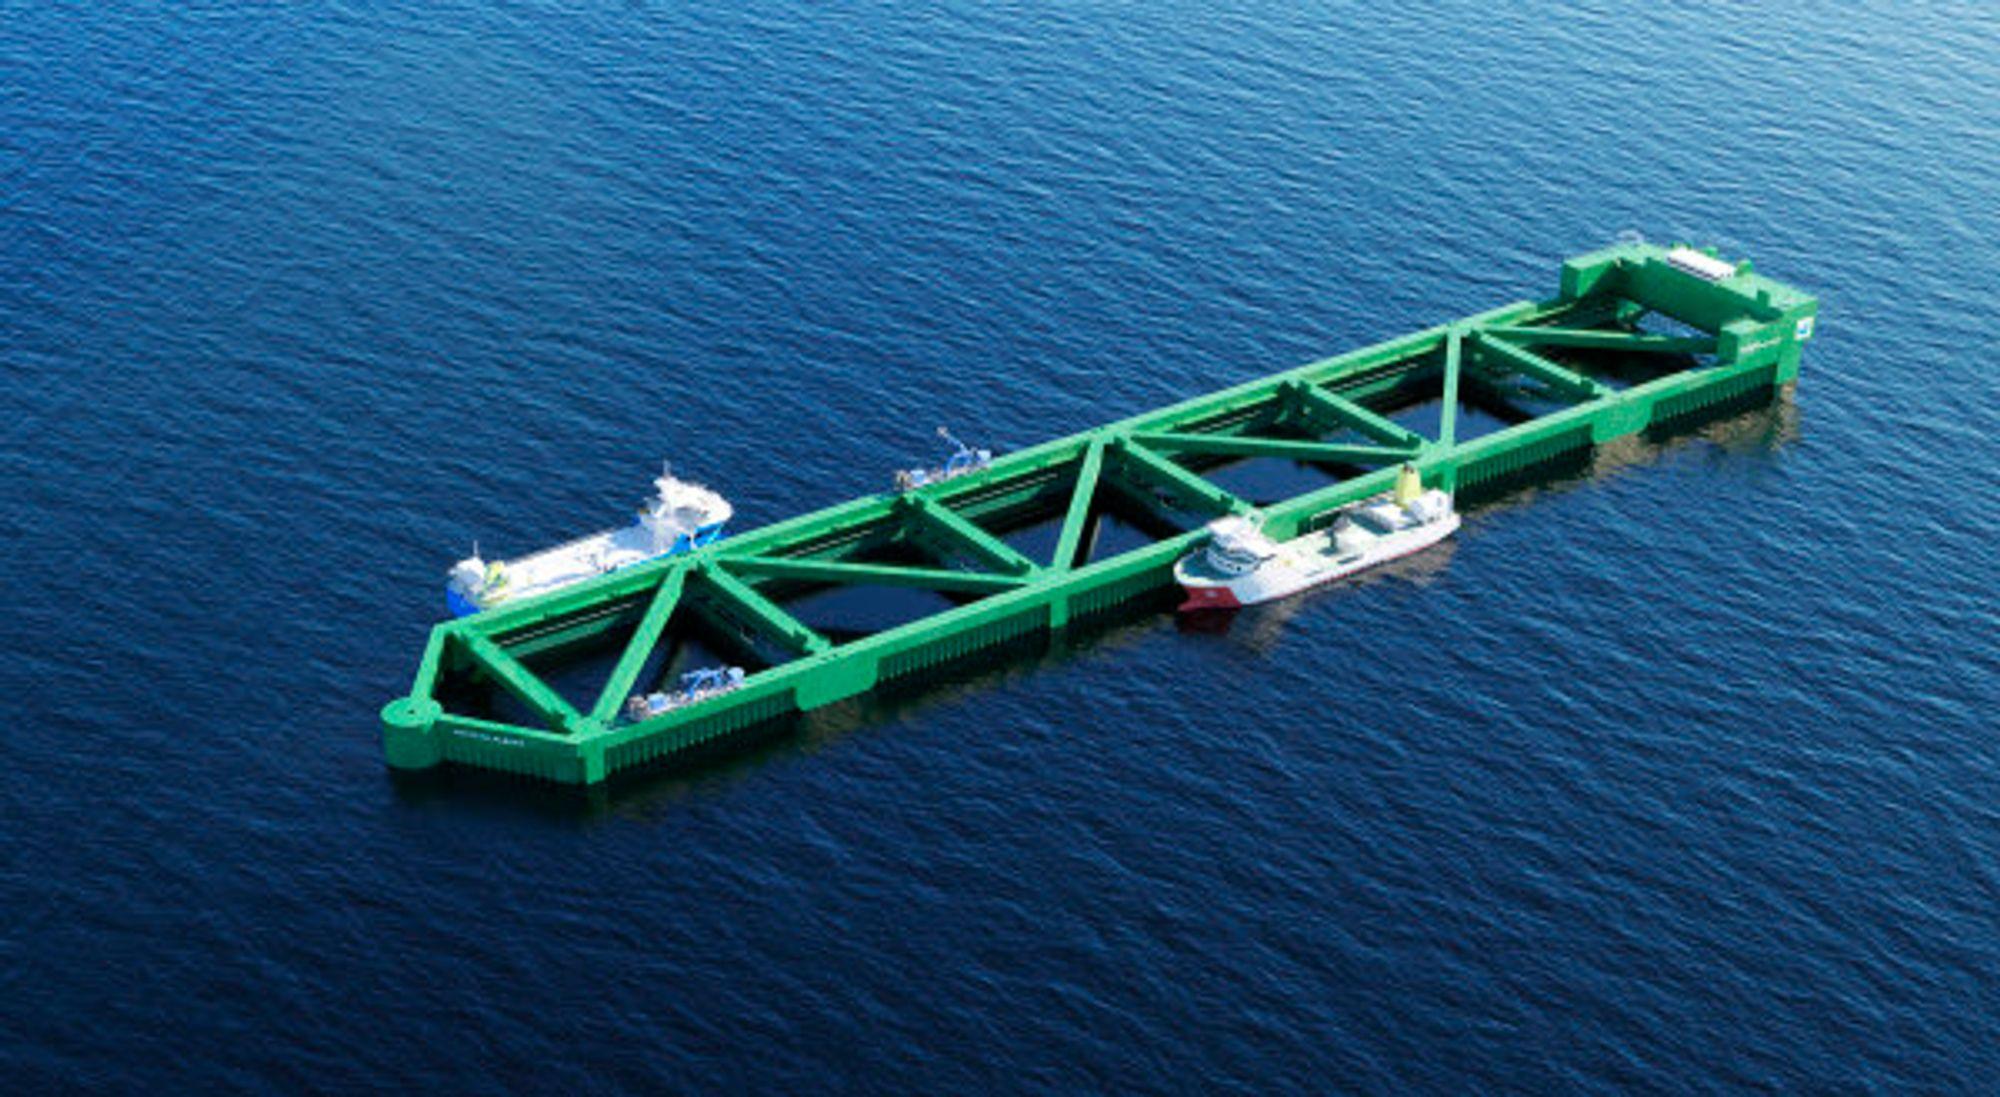 Nordlaks investerer ca. 1 milliard kroner i oppdrettsanlegg offshore. Ringvirkningene er på 2-3 milliarder kroner  i tillegg, mener Norsk Industri. Blant annet til ny LNG-hybrid brønnbåt som skal kunne frakte 600 tonn levende laks fra Havfarmen.